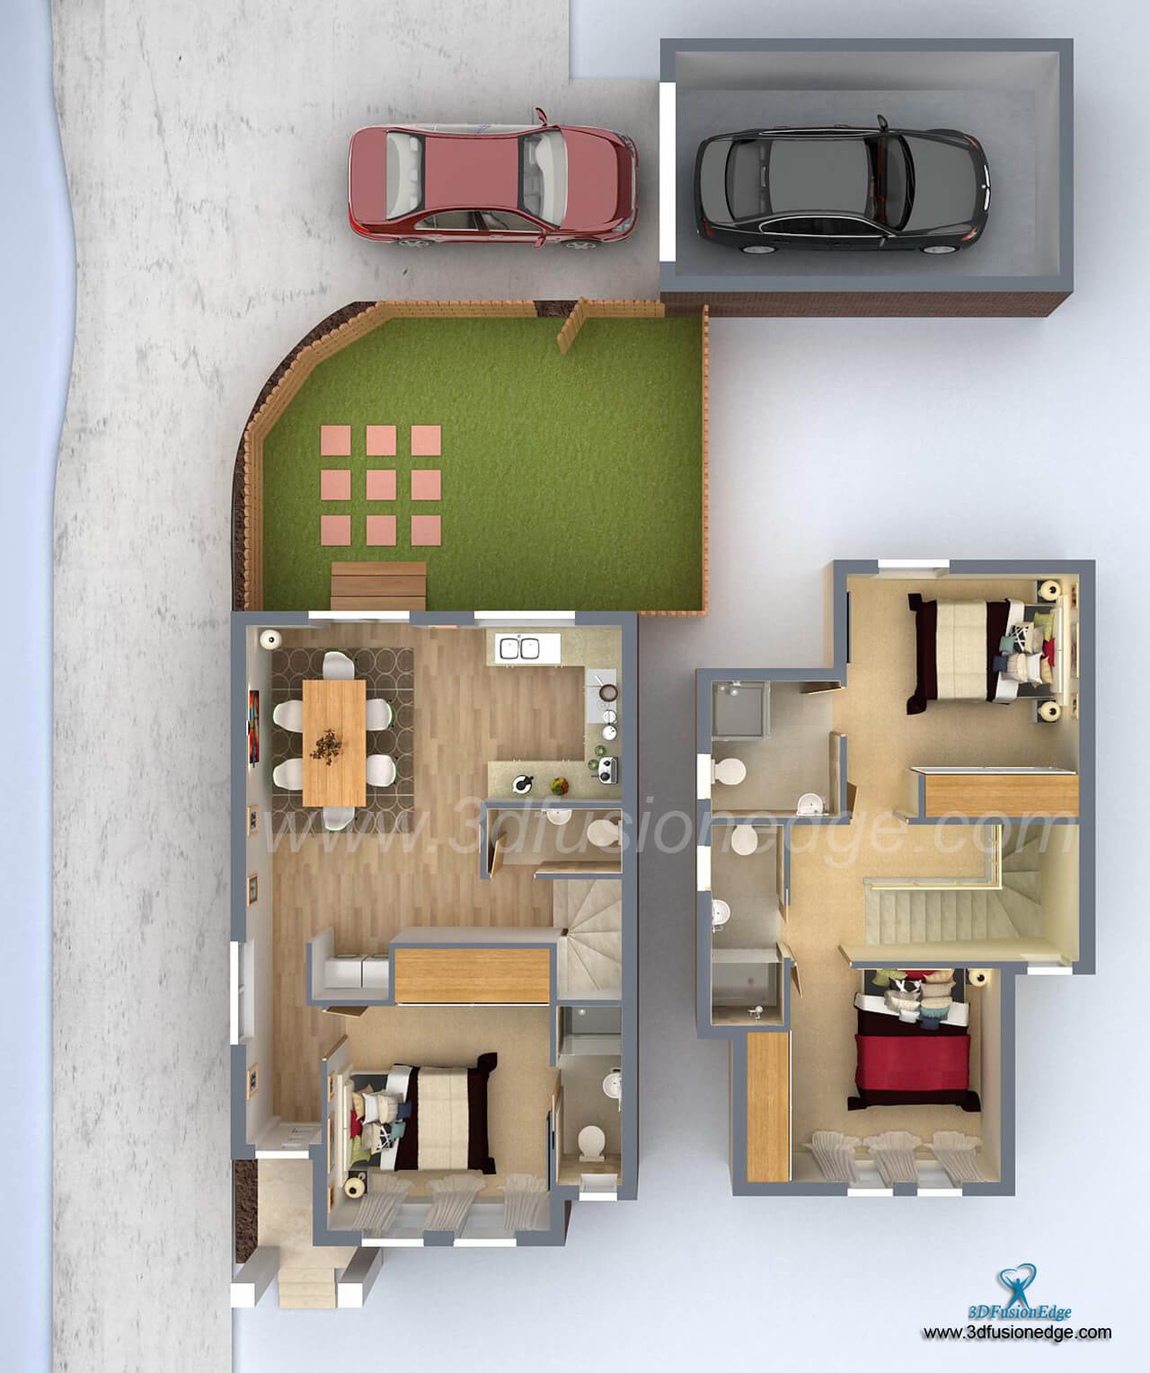 3dfusionedge - 3D Floor Plan House Rendering